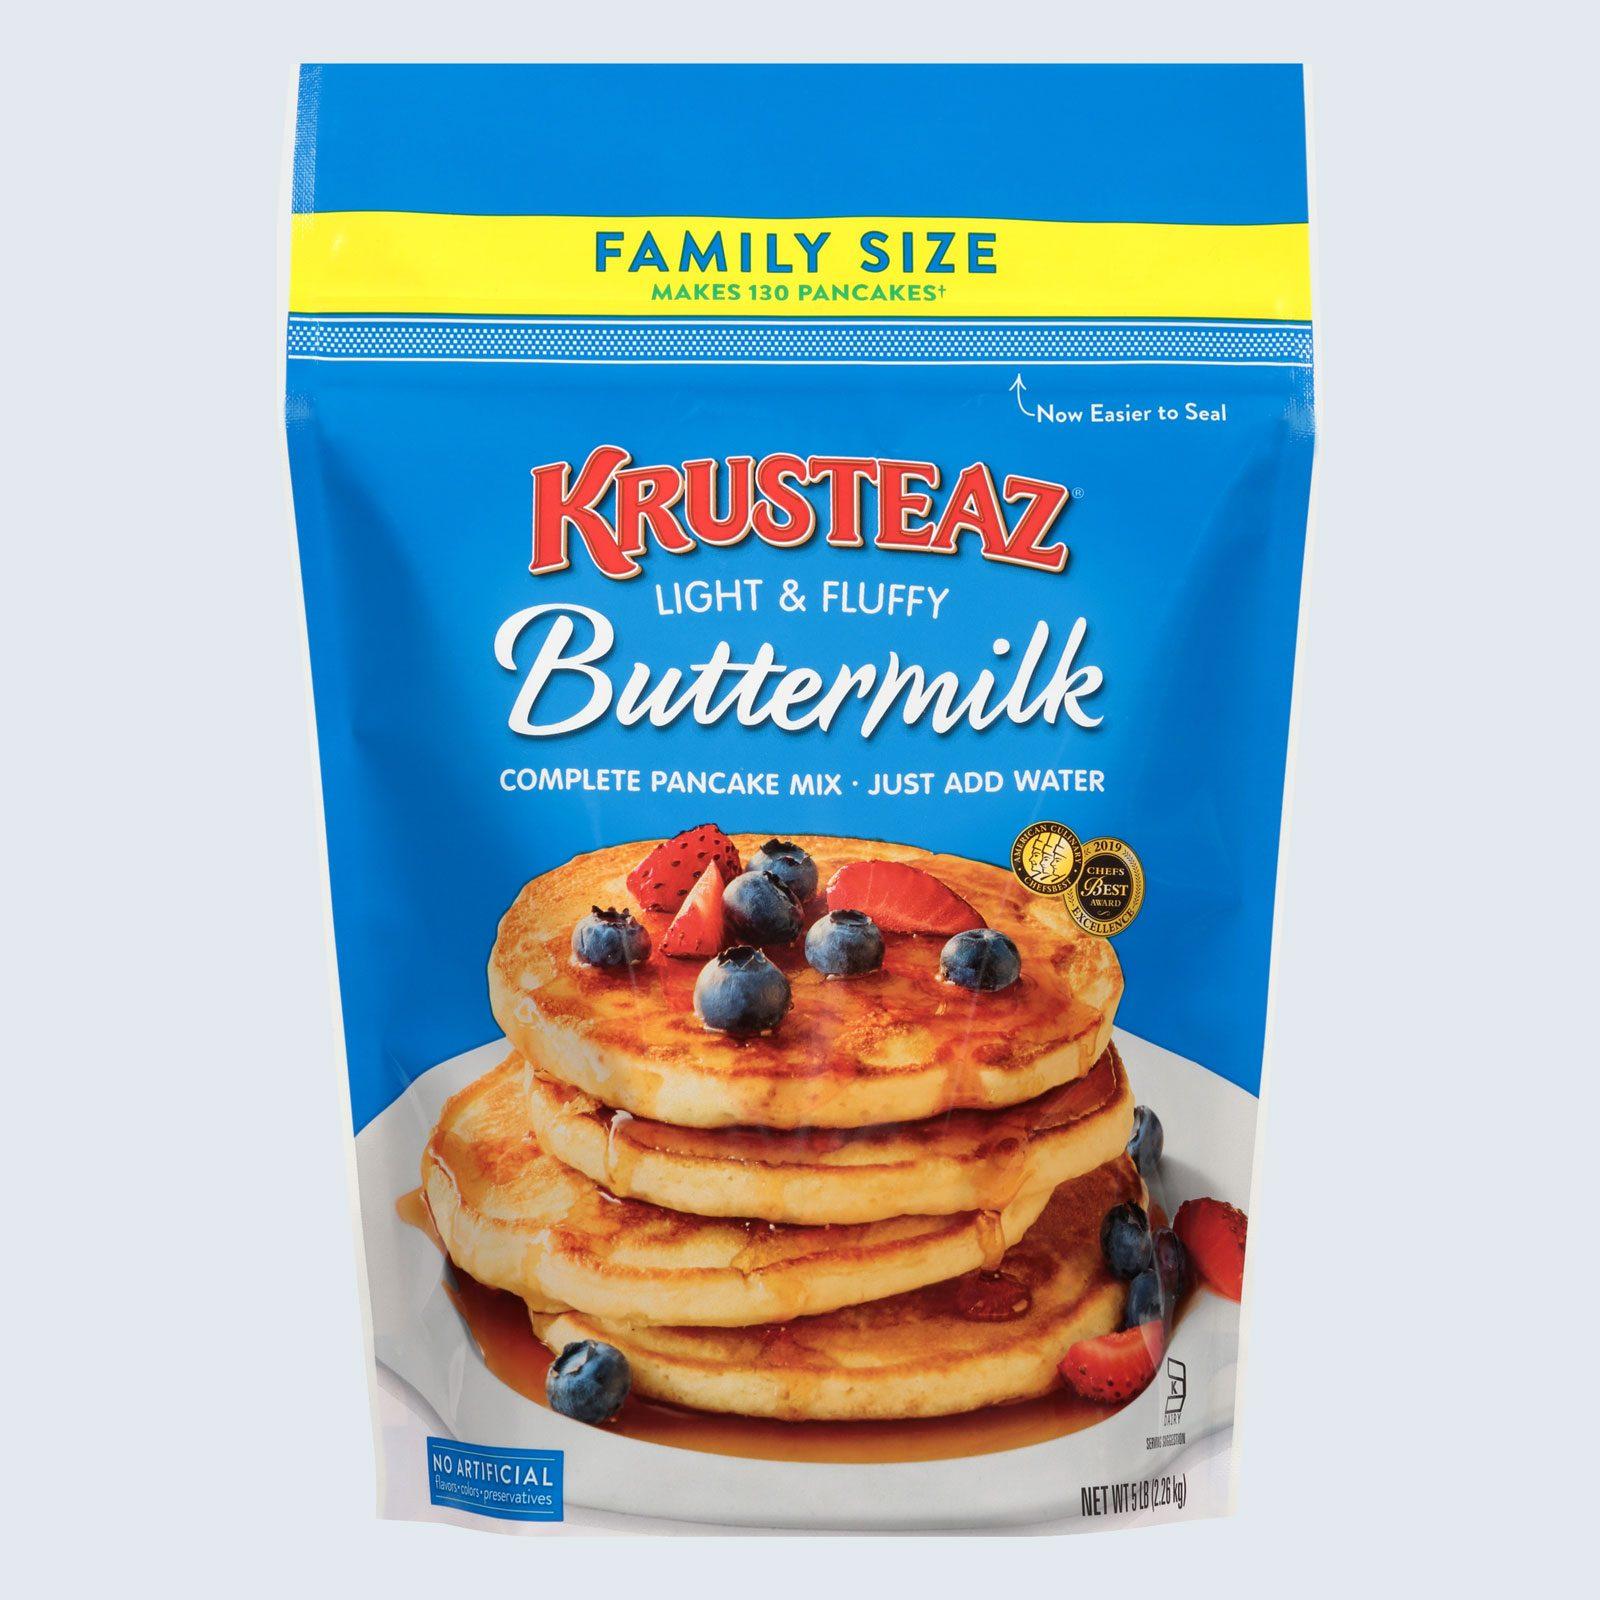 Krusteaz Light & Fluffy Buttermilk Complete Pancake Mix